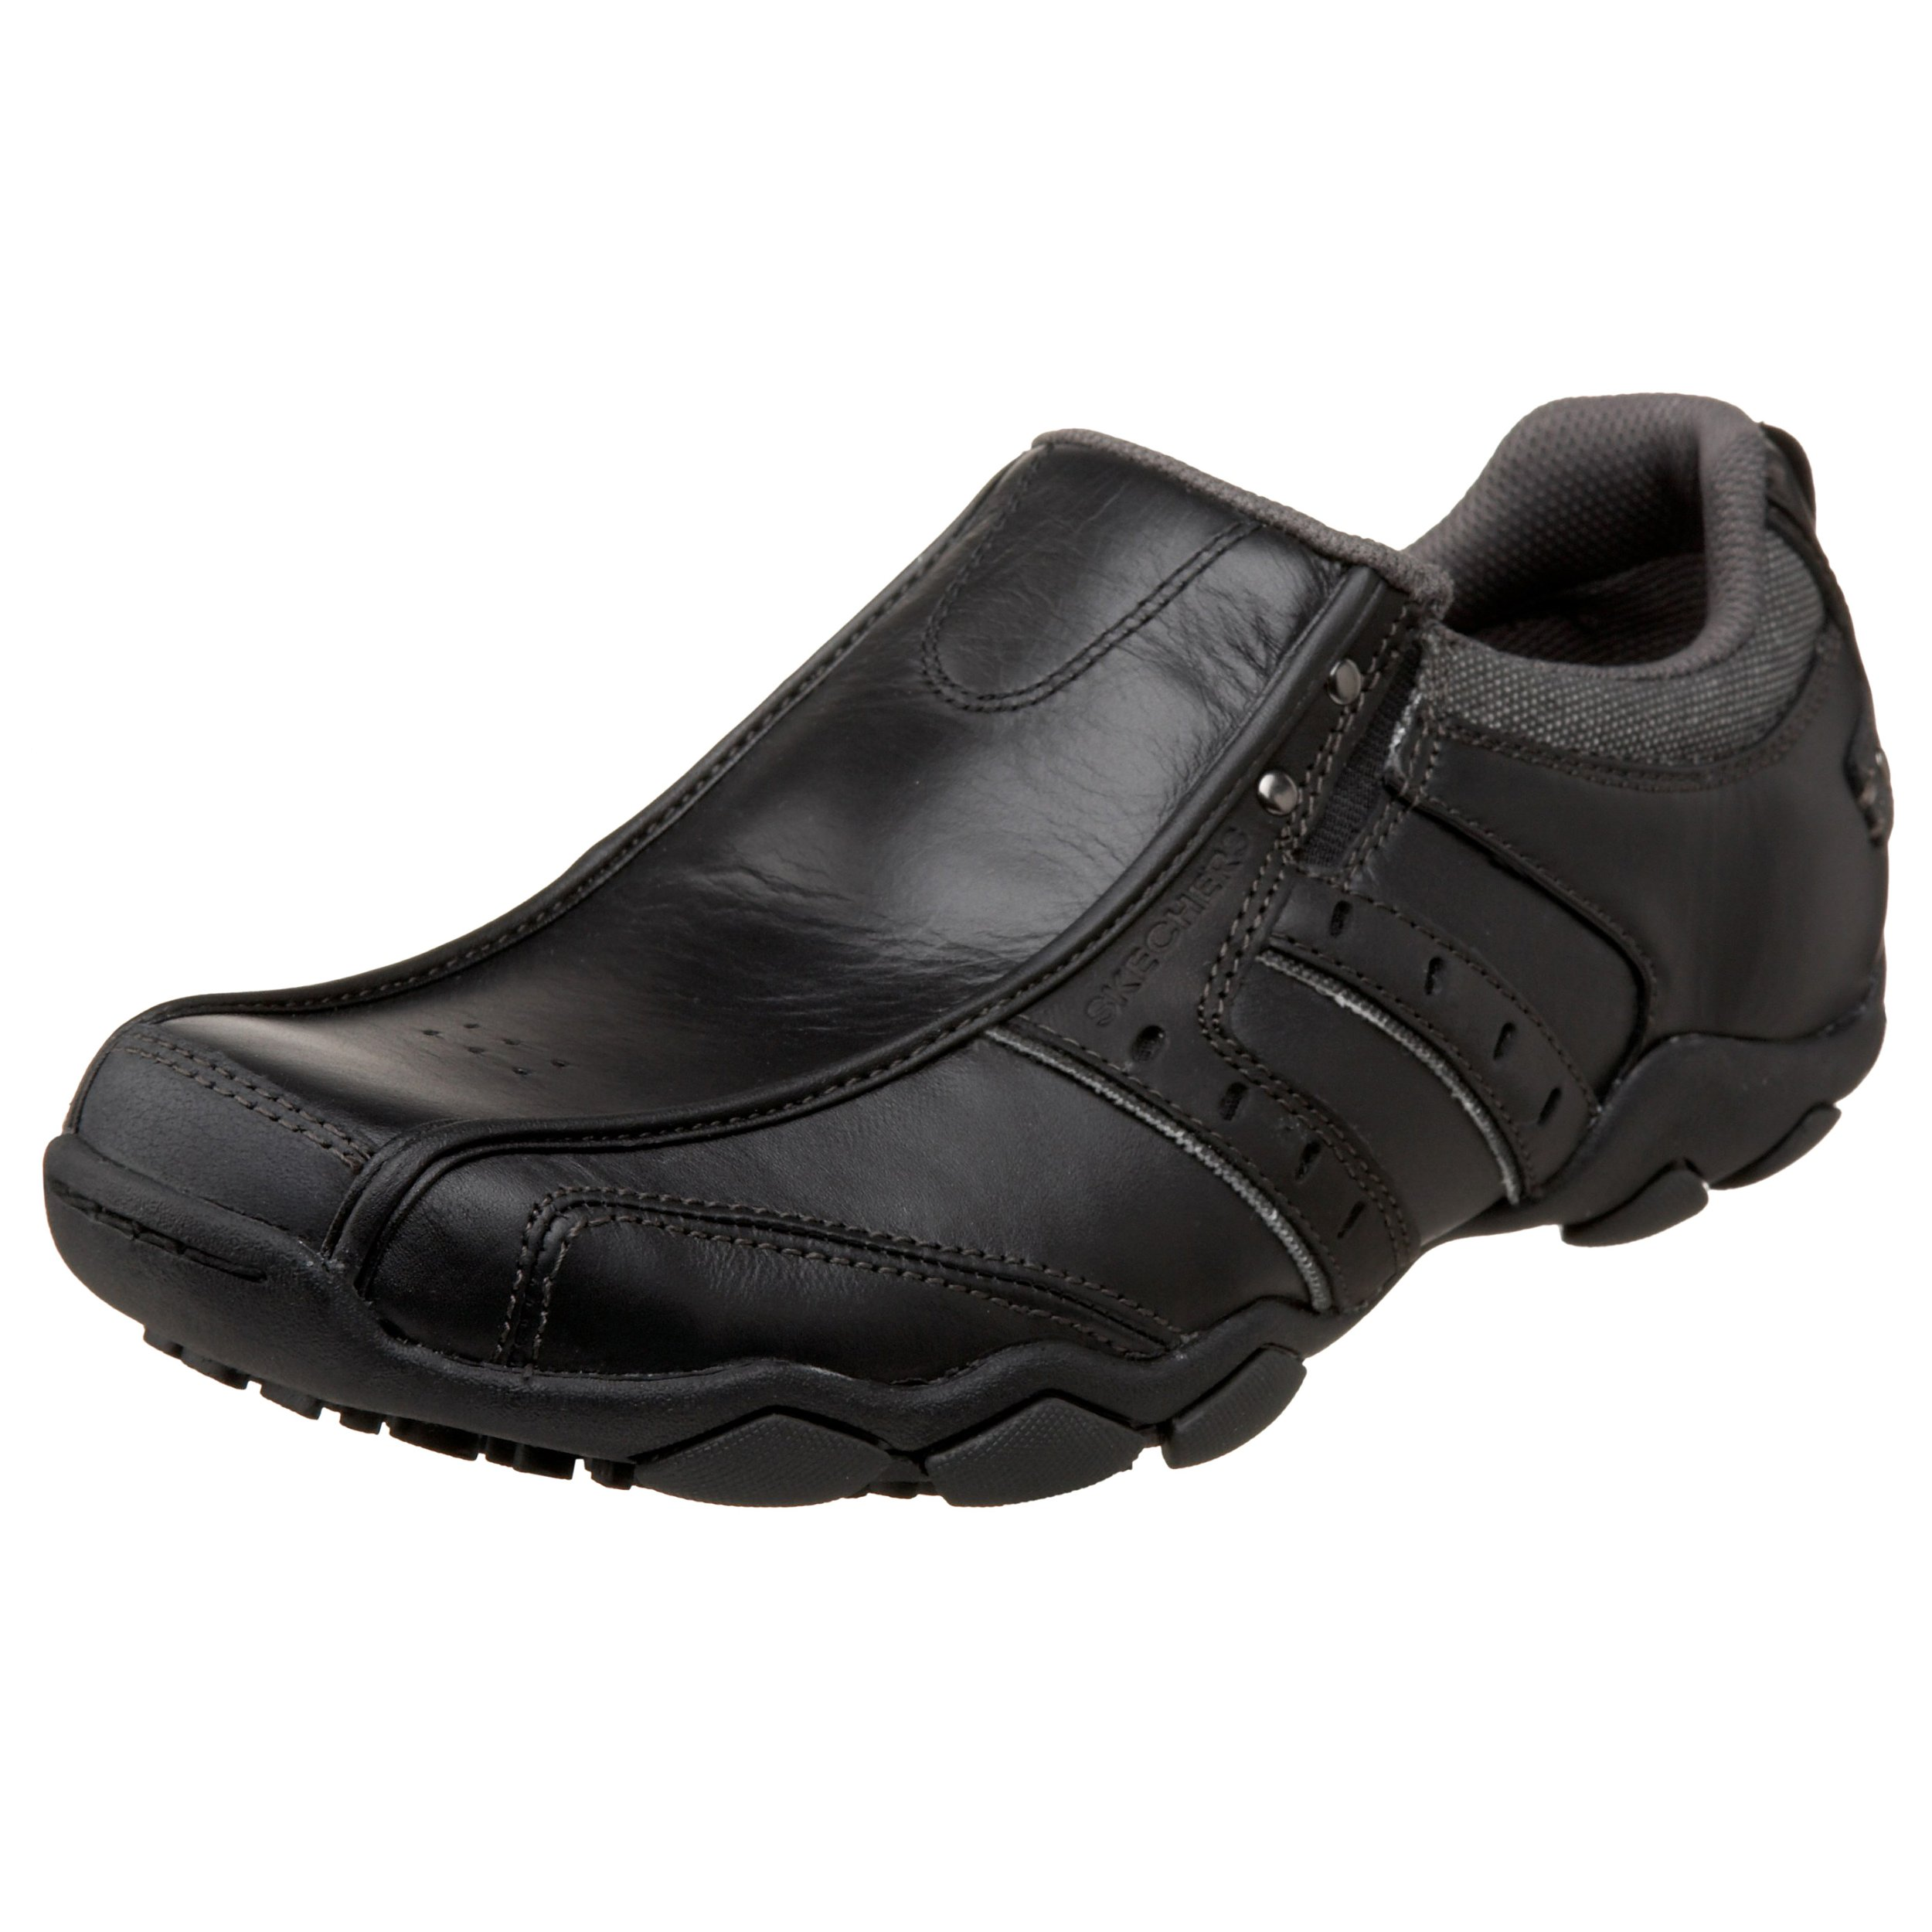 Skechers USA Men's Men's Relaxed Fit-Delson-Brewton Sneaker,11.5 M US,Black by Skechers